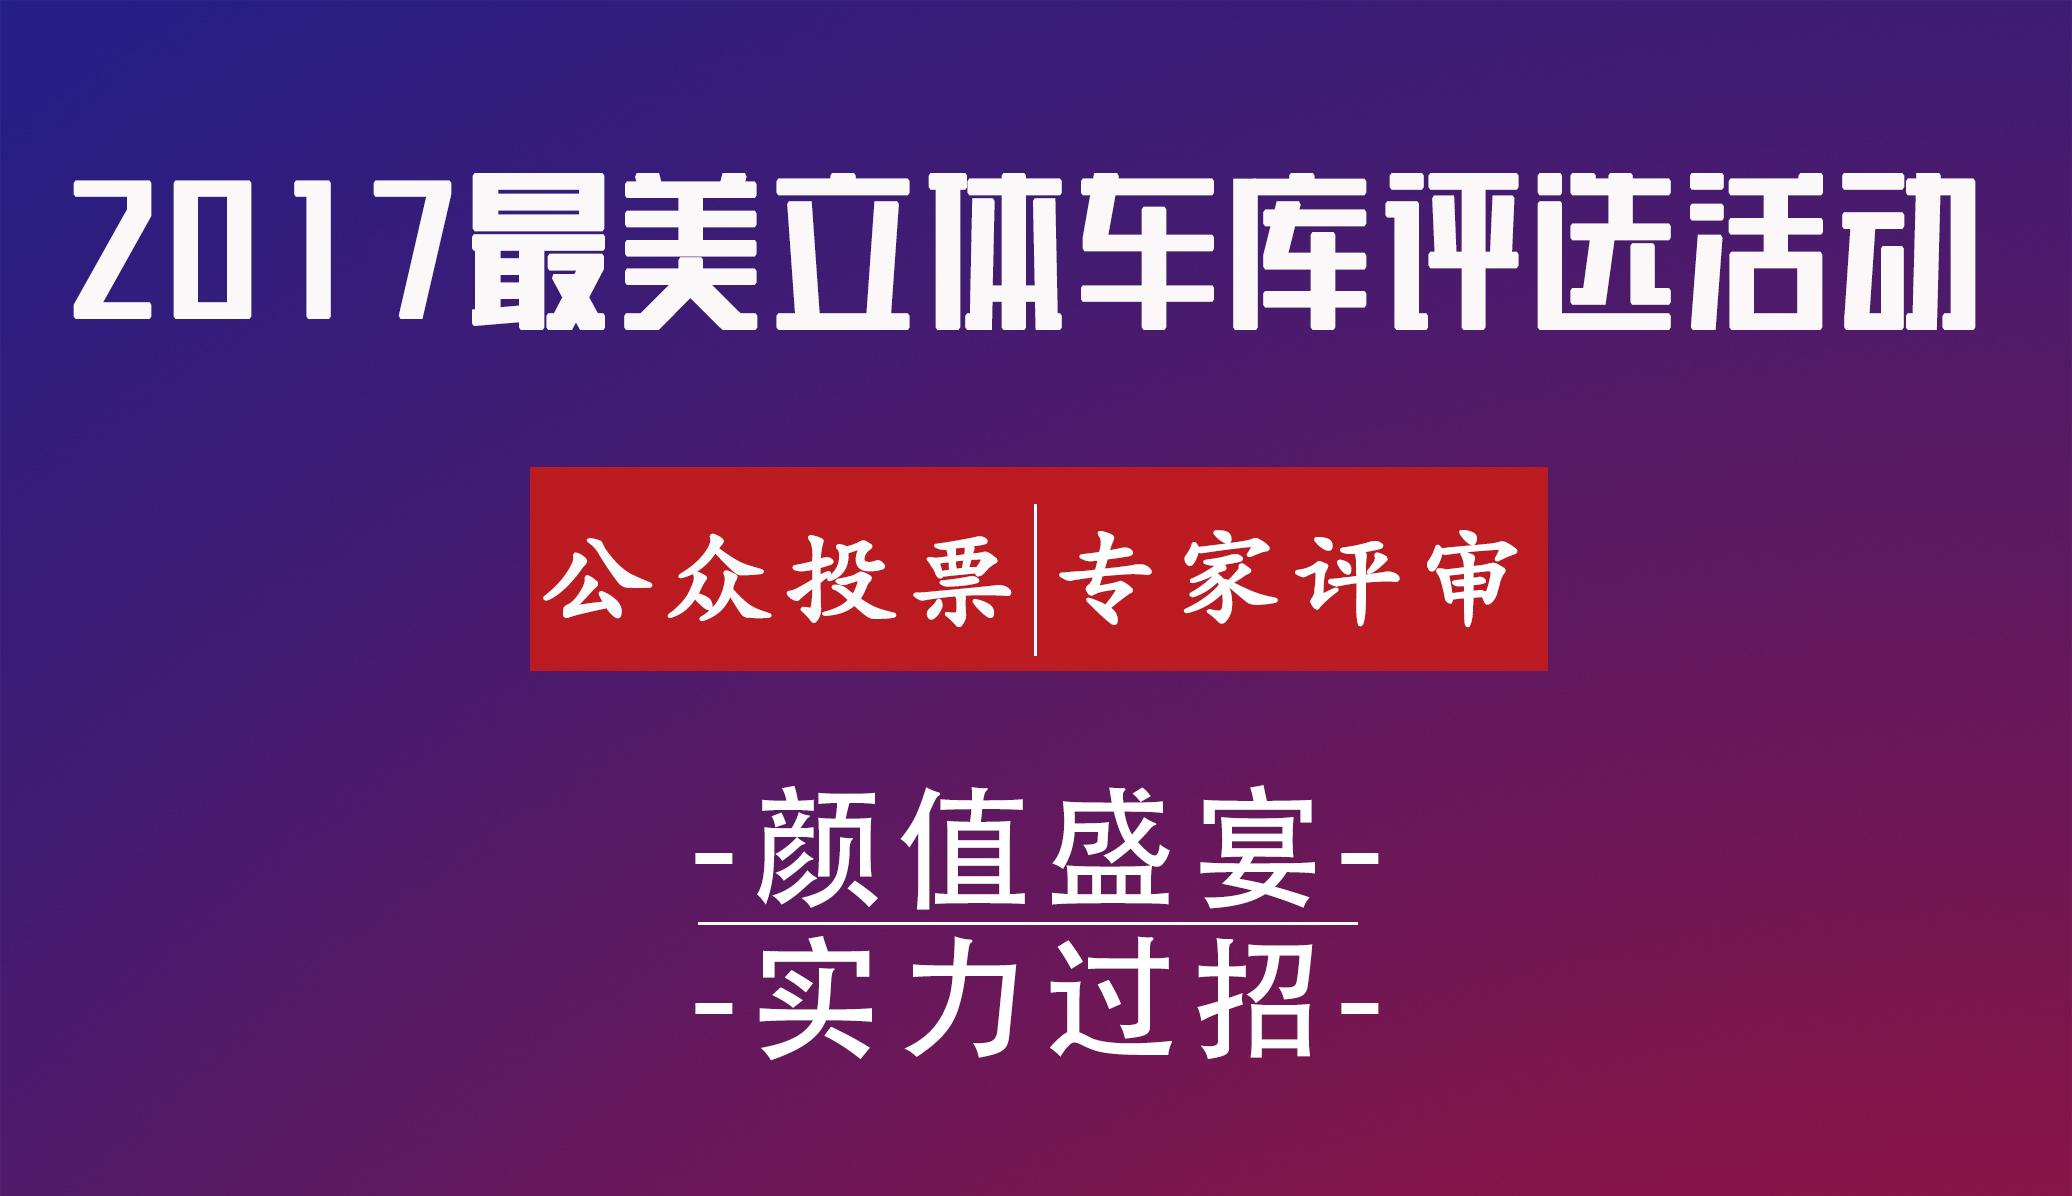 """2017""""寻找中国最美立体车库""""活动吹响集结号"""